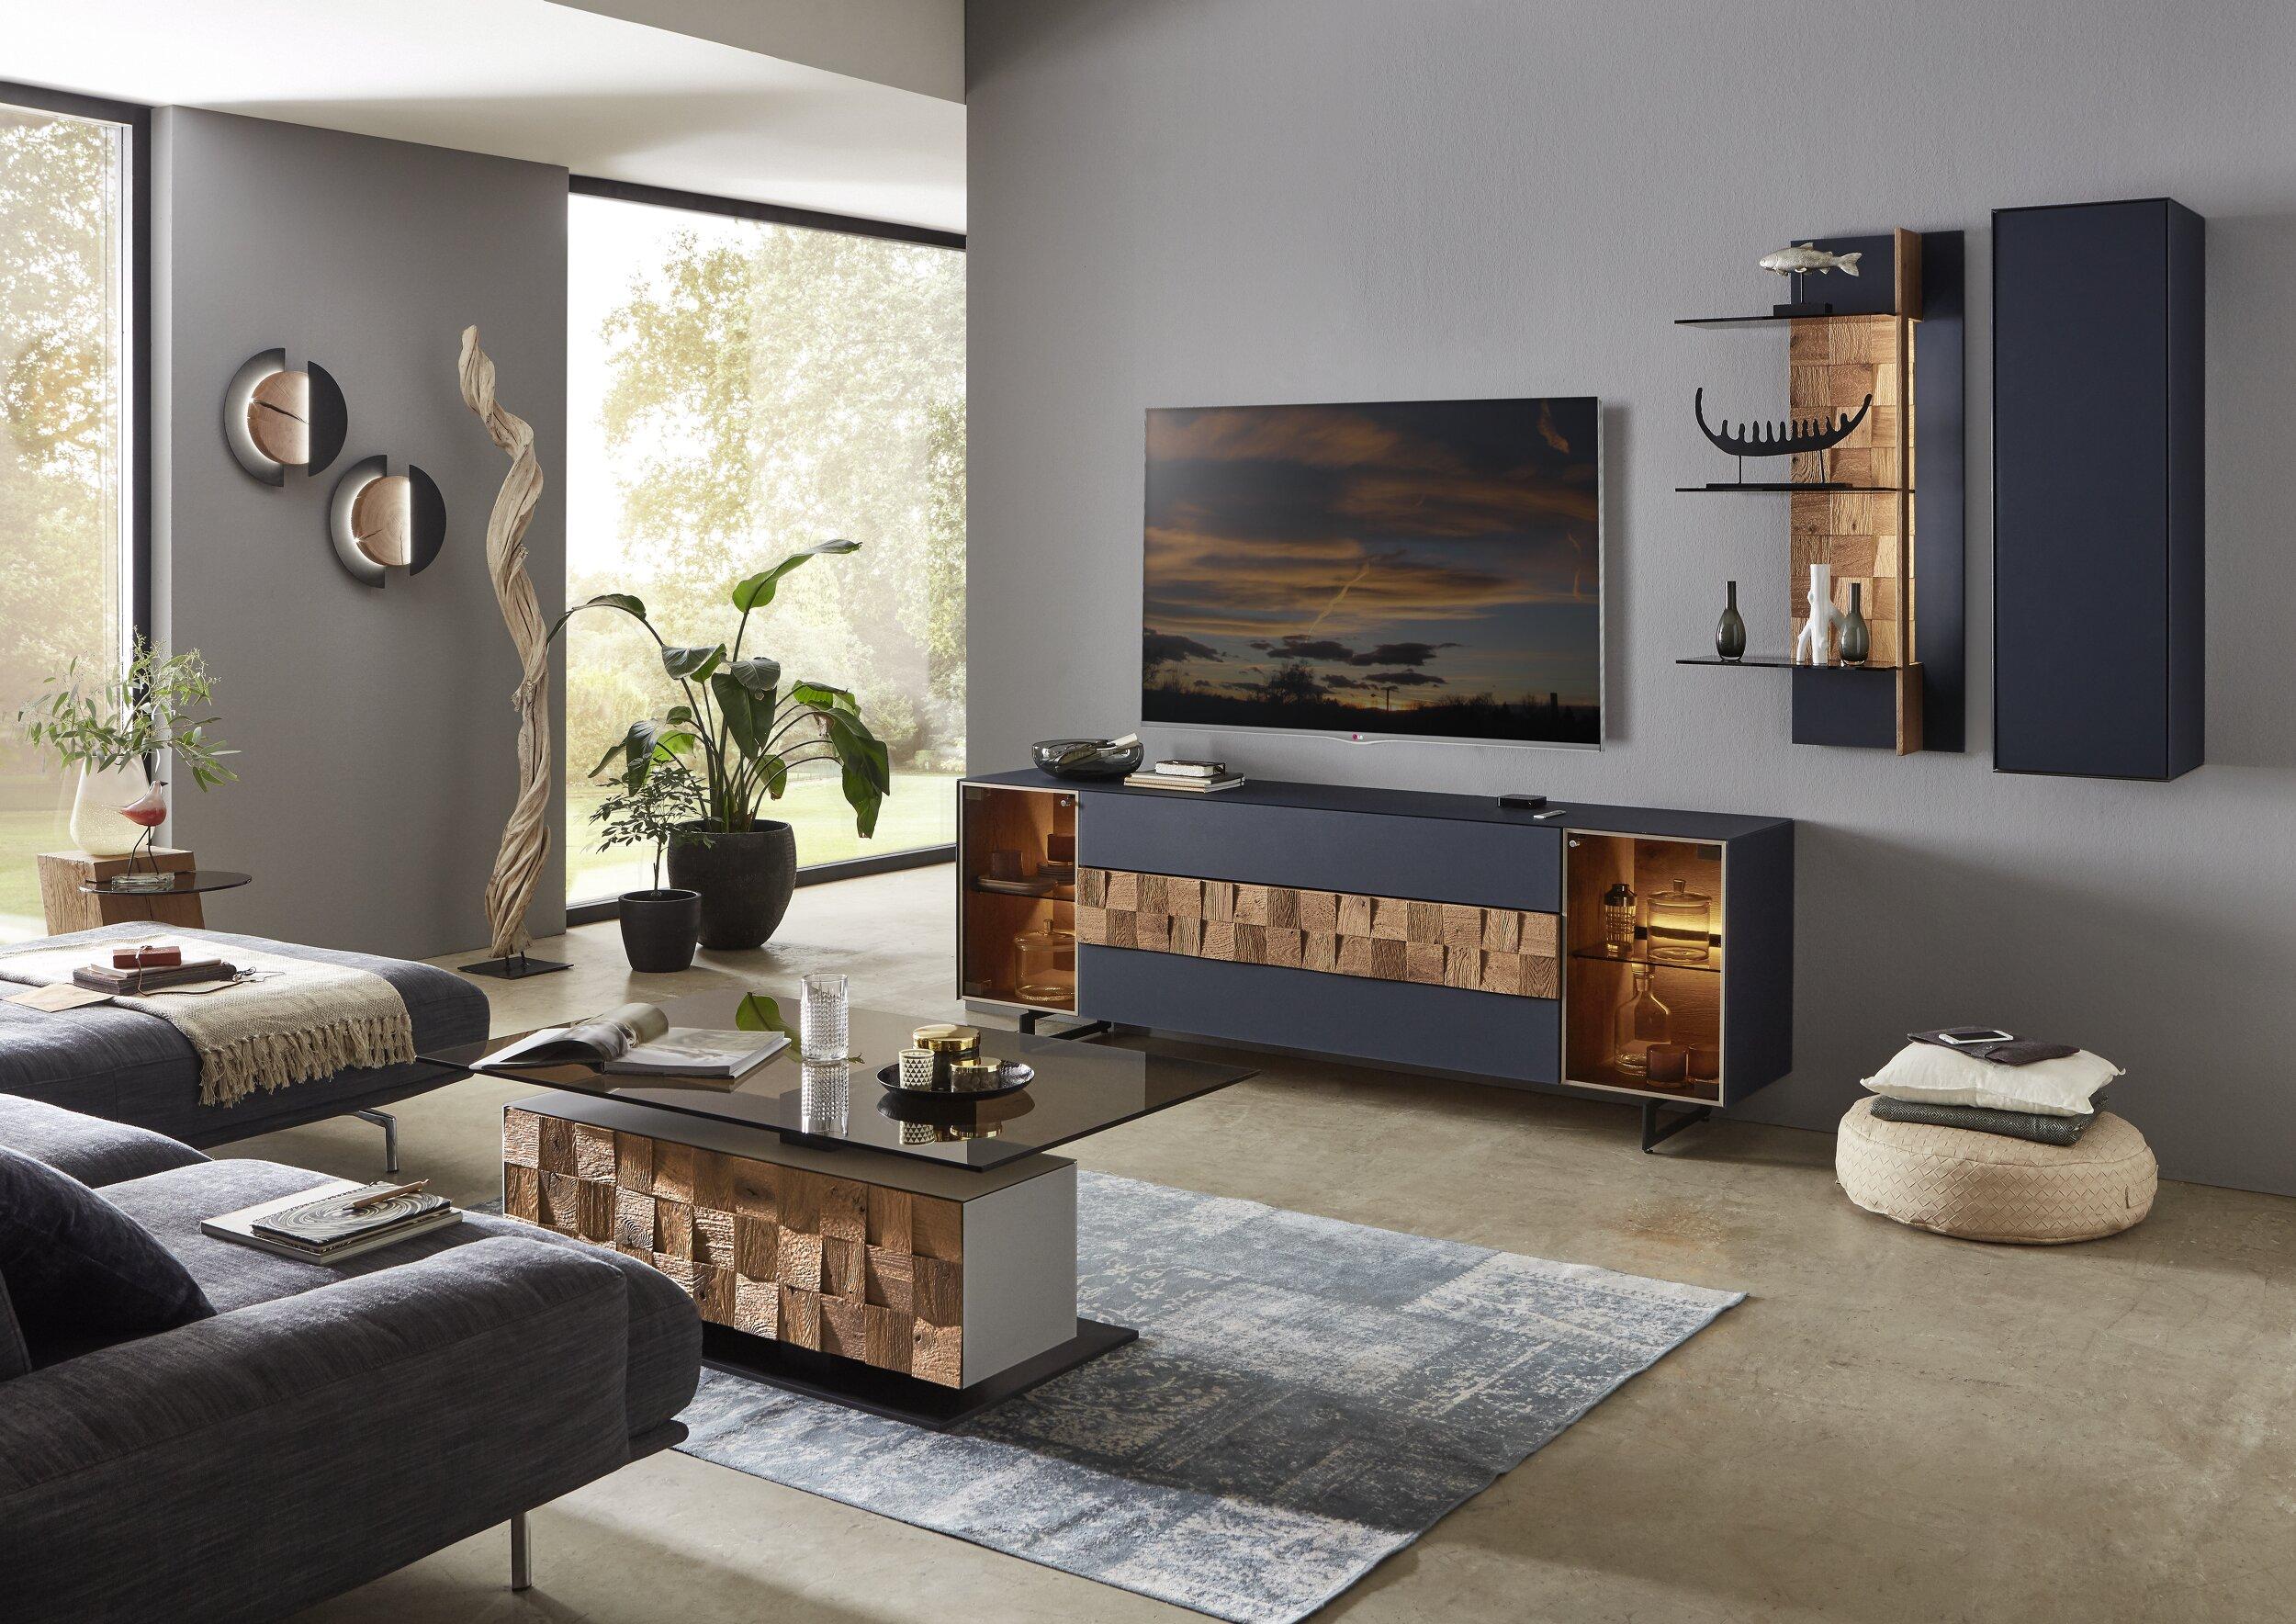 Stilvoll und nachhaltig im Wohnbereich – LIV von LEONARDO living macht es vor